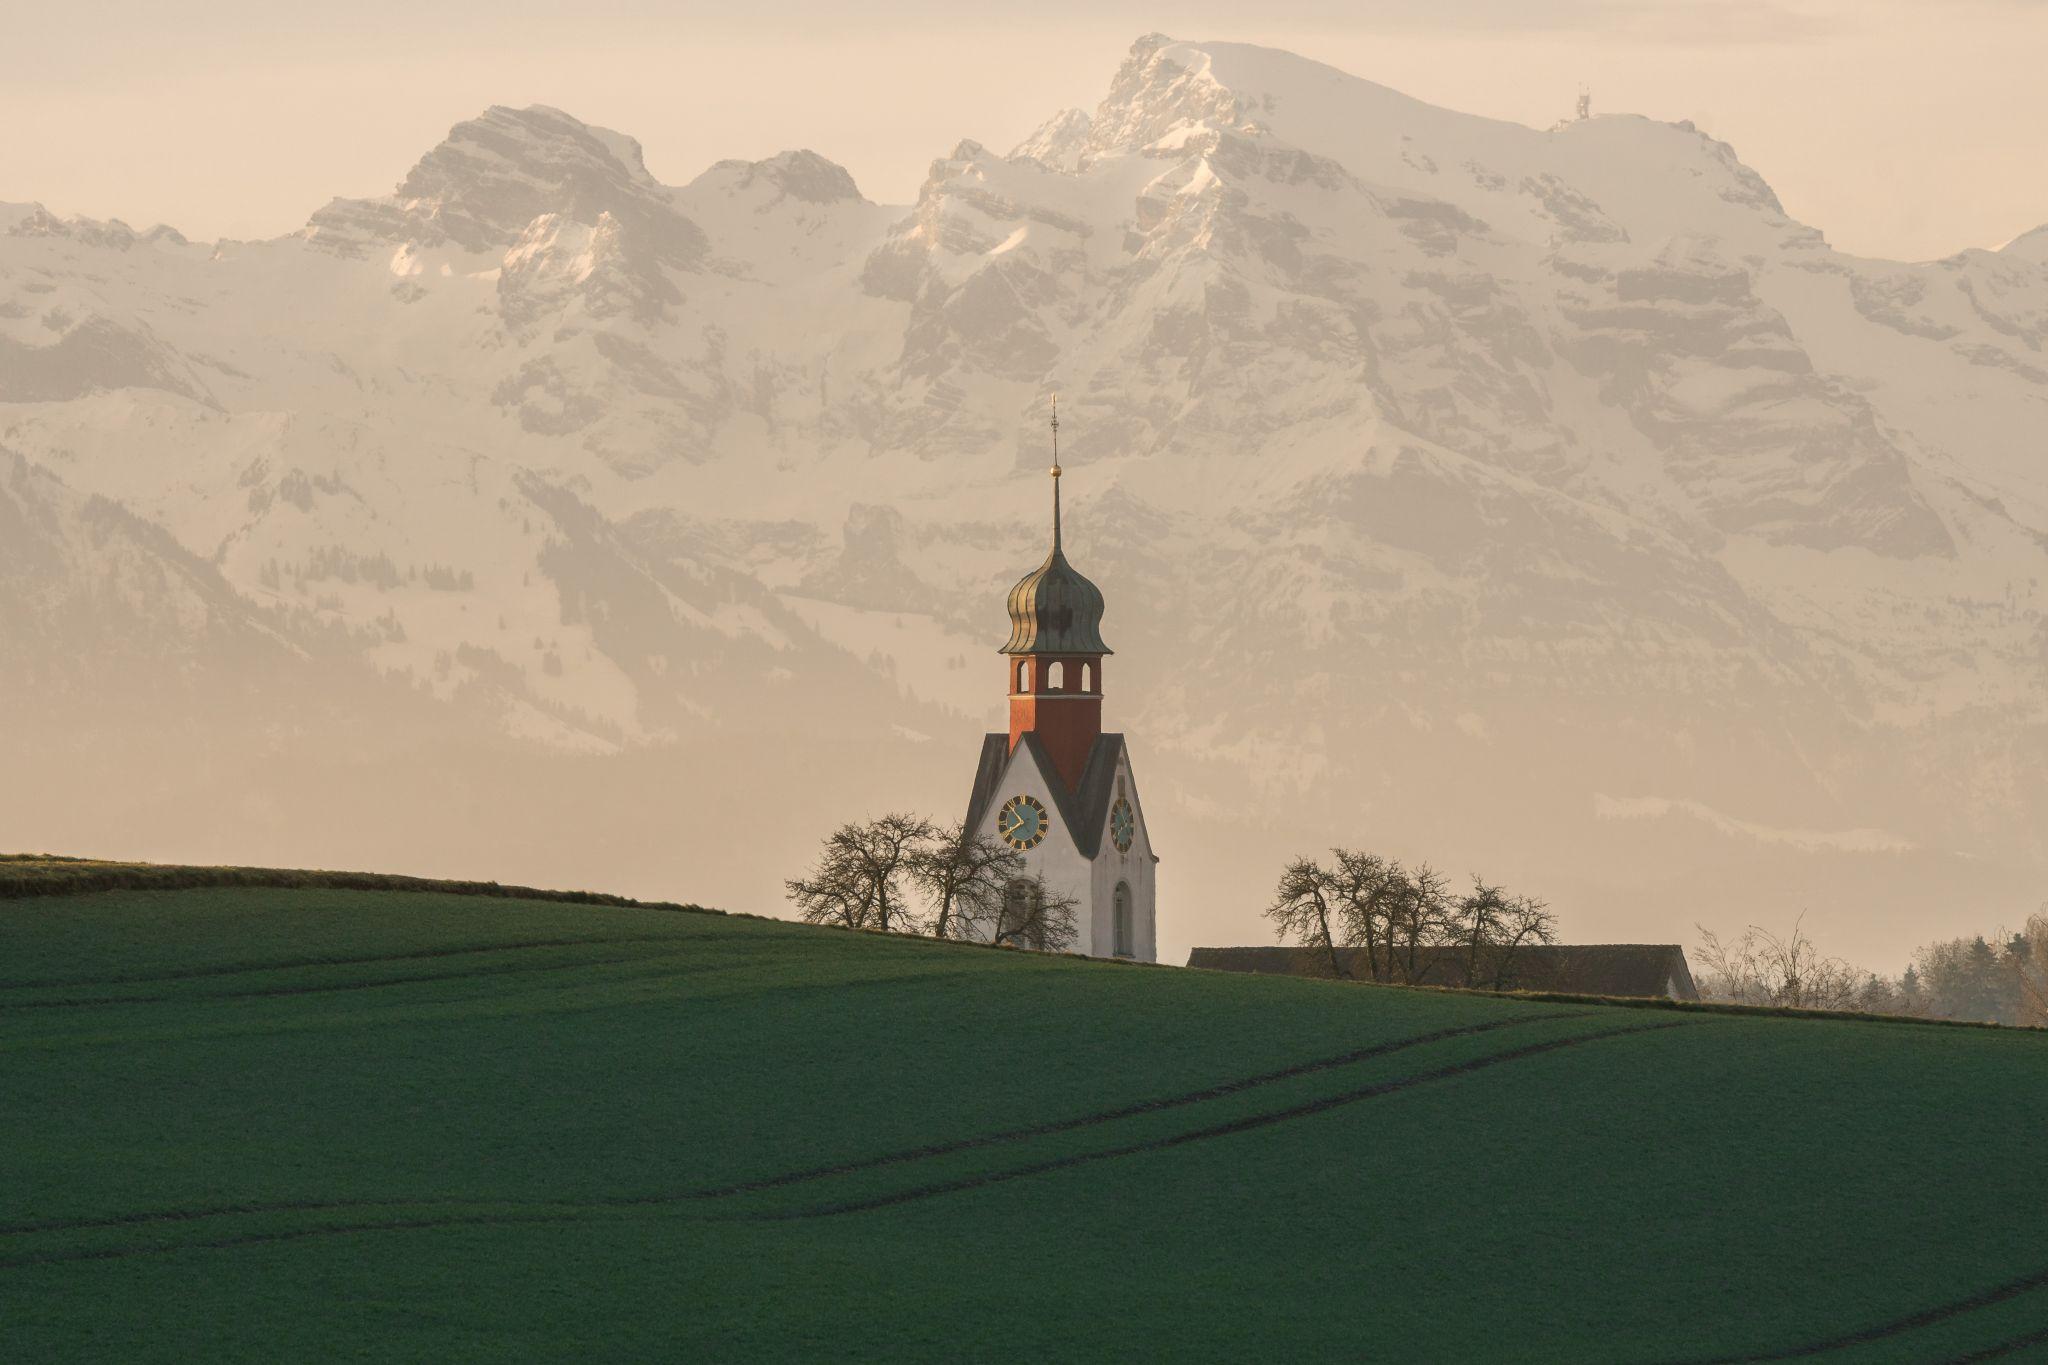 Winterschwil, Switzerland